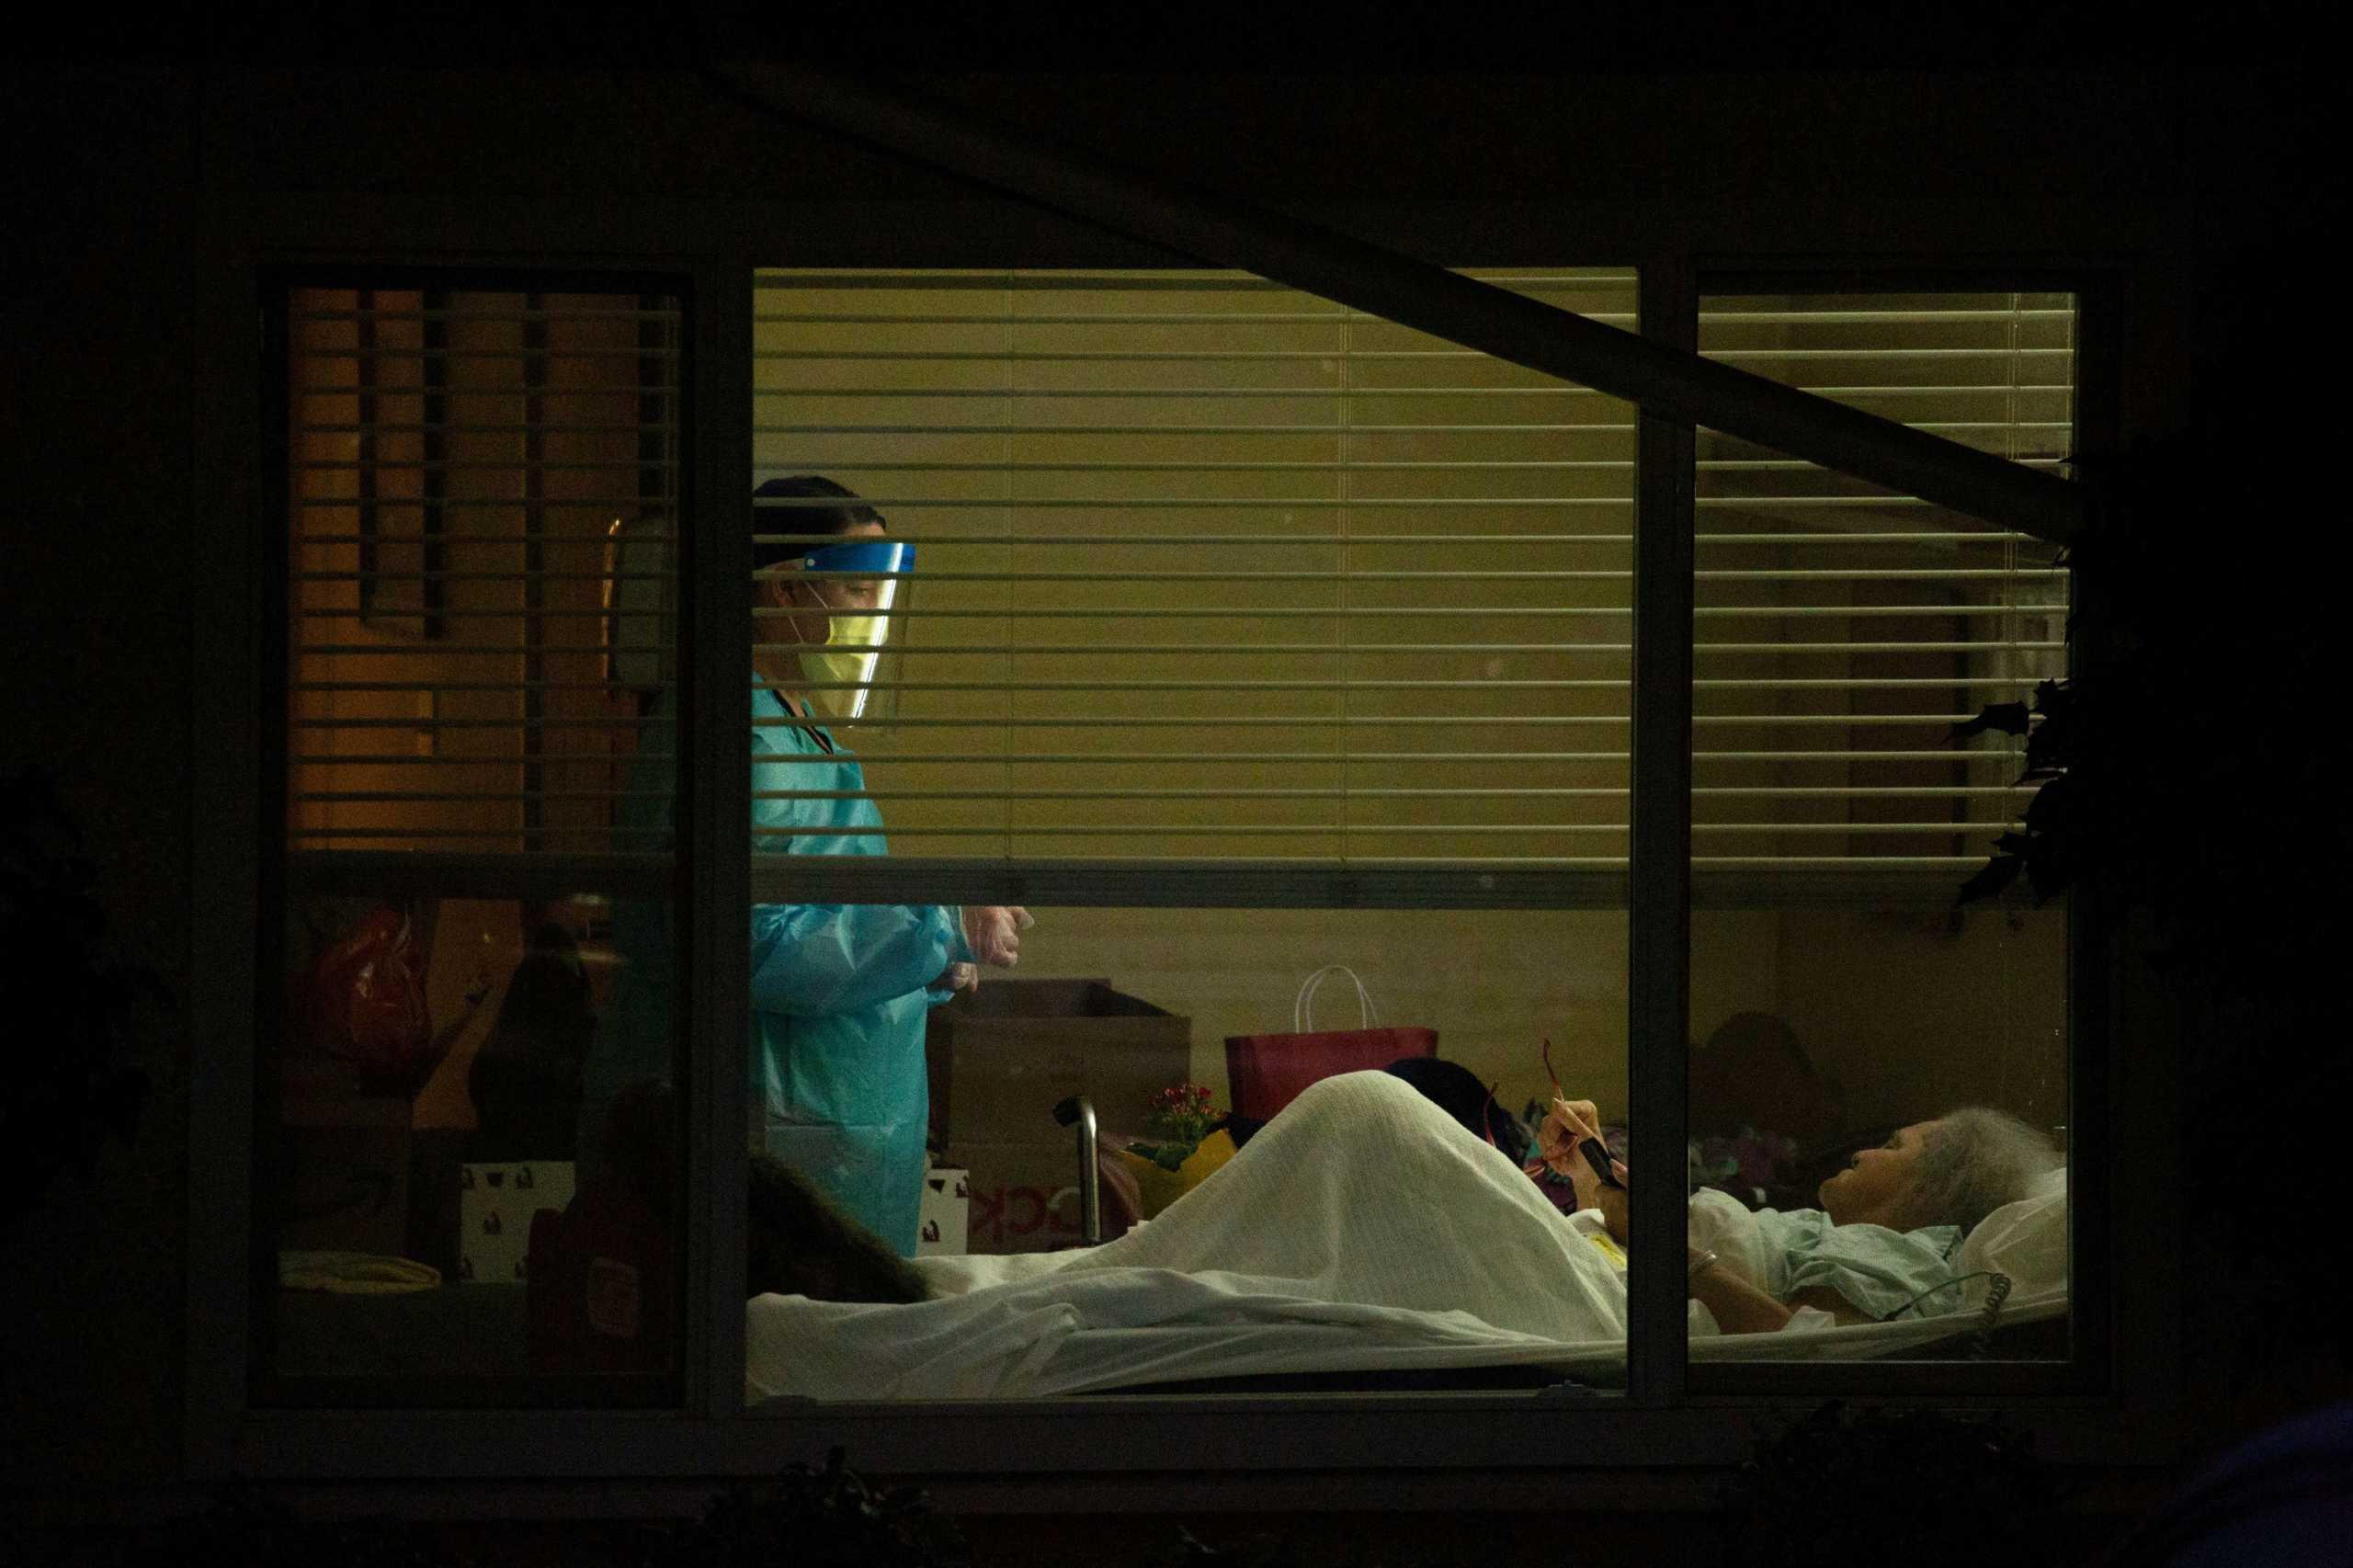 Ισπανία – κορονοϊός: Μειώθηκαν κατά 95% τα κρούσματα στους οίκους ευγηρίας